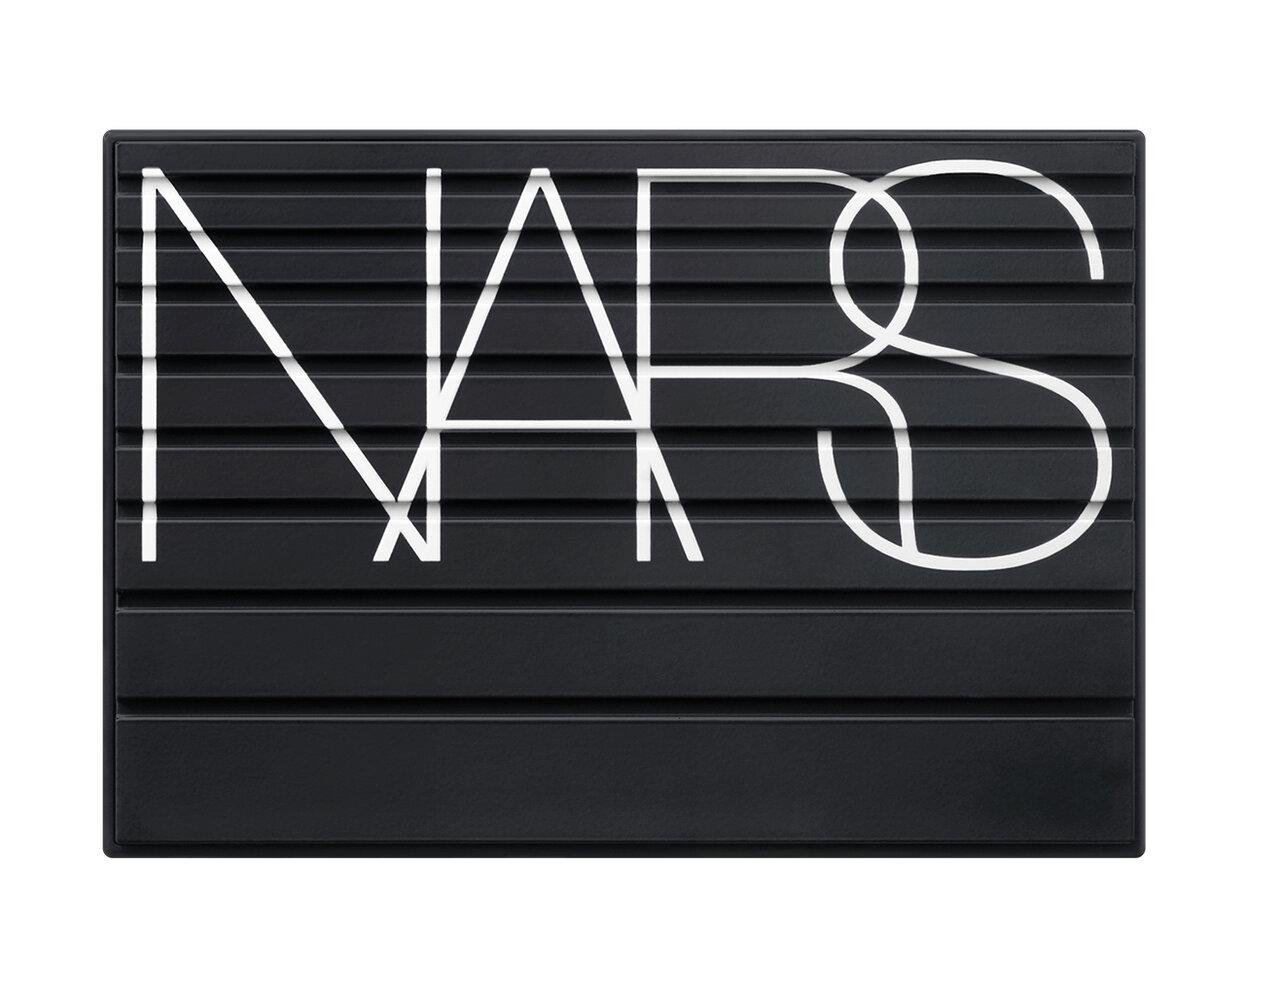 ナーズ/NARS エクストリームエフェクト アイシャドーパレット